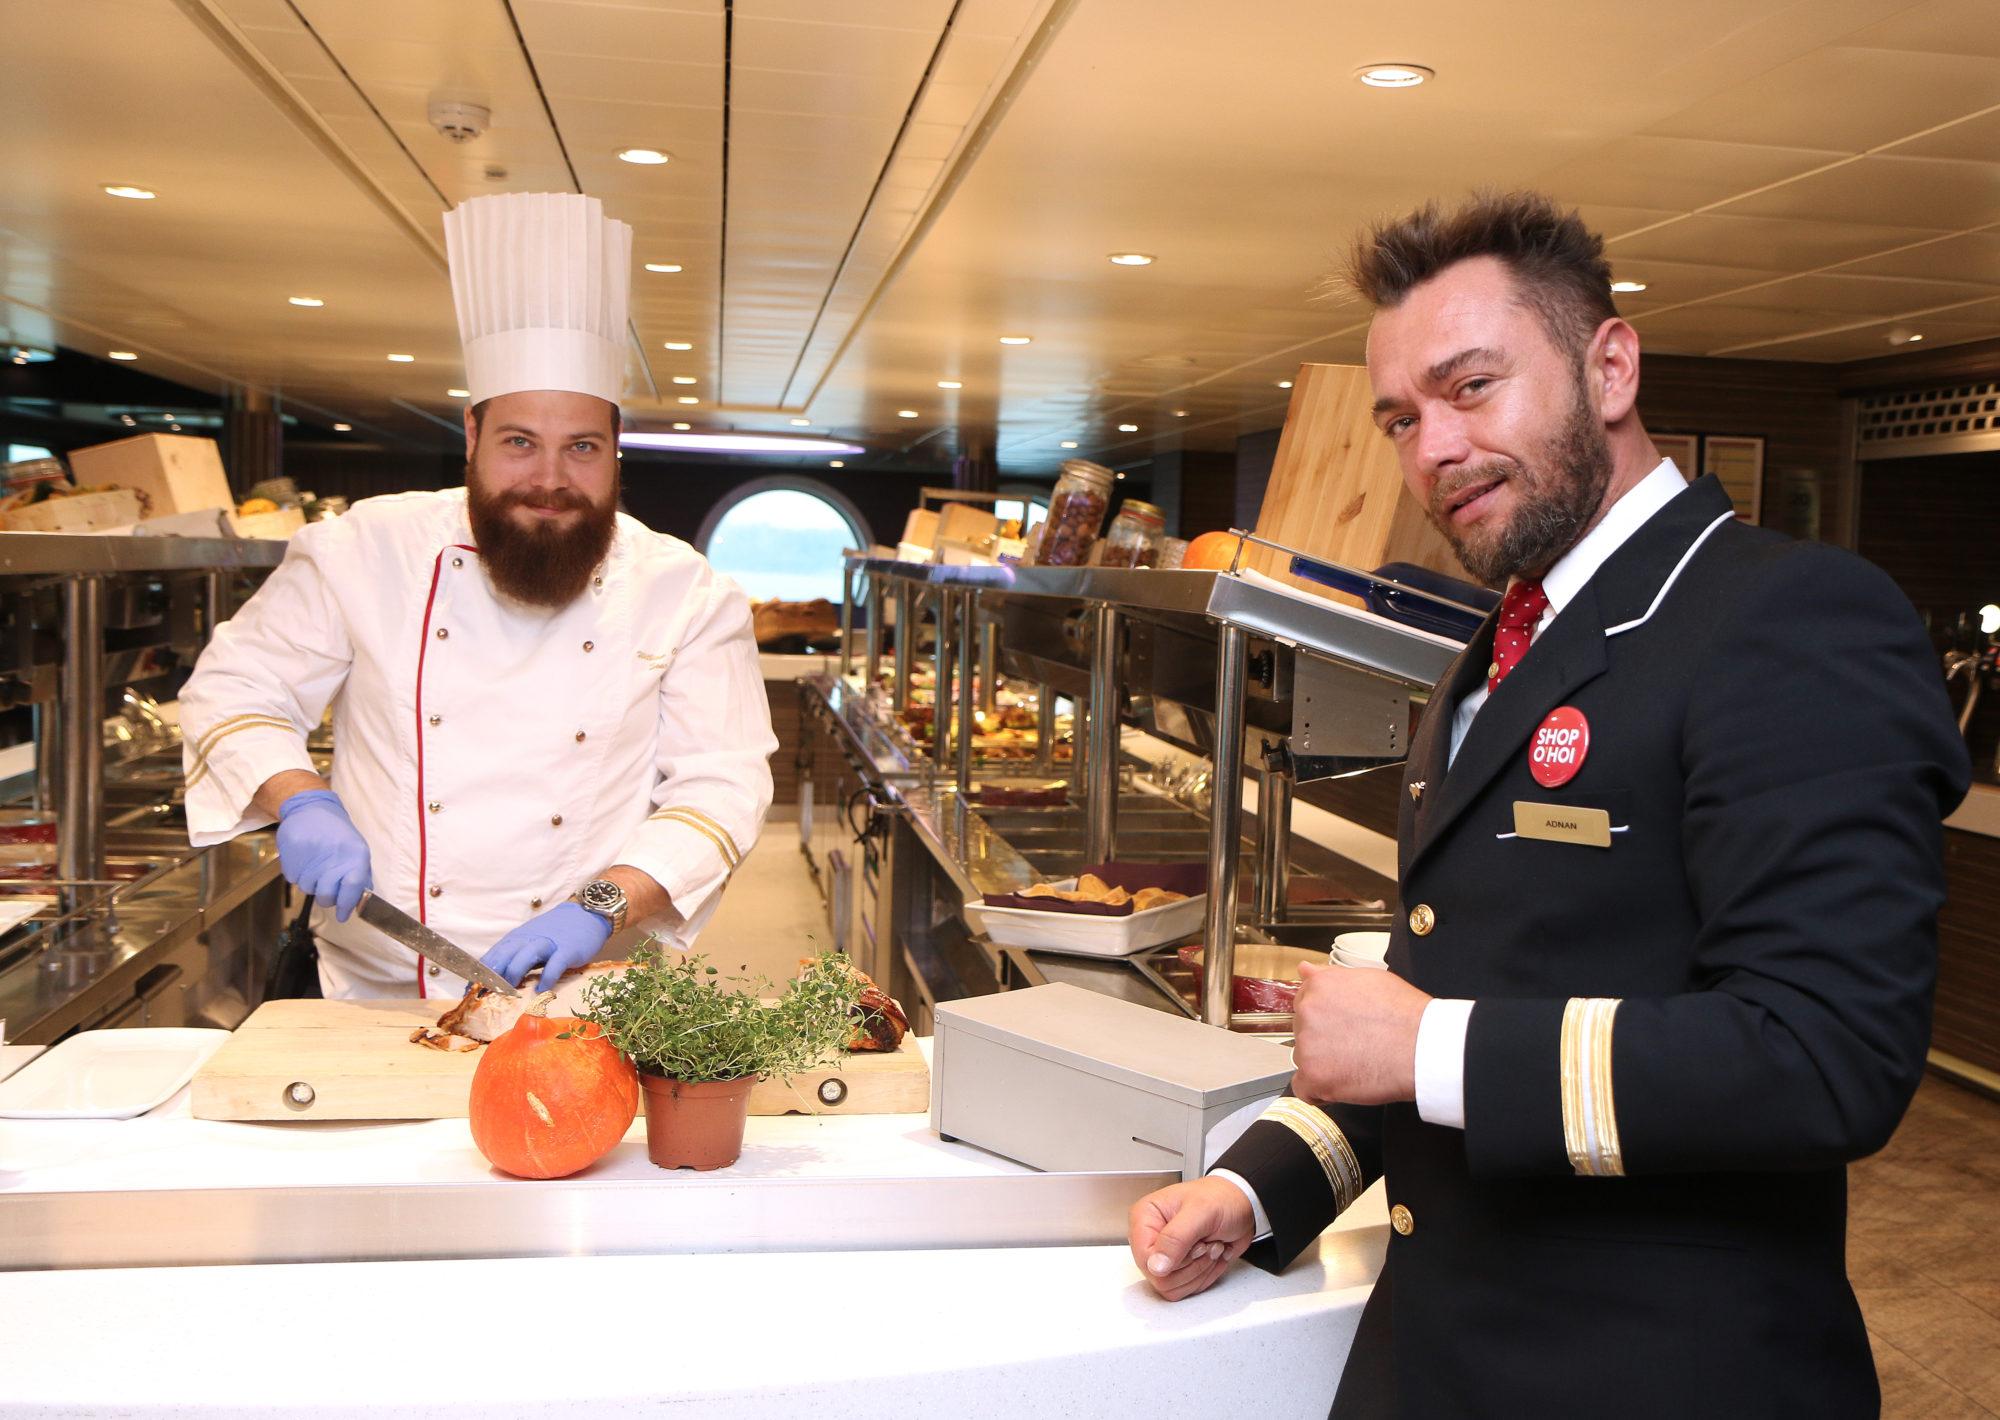 Strålende glade: Kjøkkensjef William og restaurantsjef Ardnan sier at den gode anmeldelsen trigger dem til å bli enda bedre og sikter mot sekseren neste gang. Foto: Fjord Line